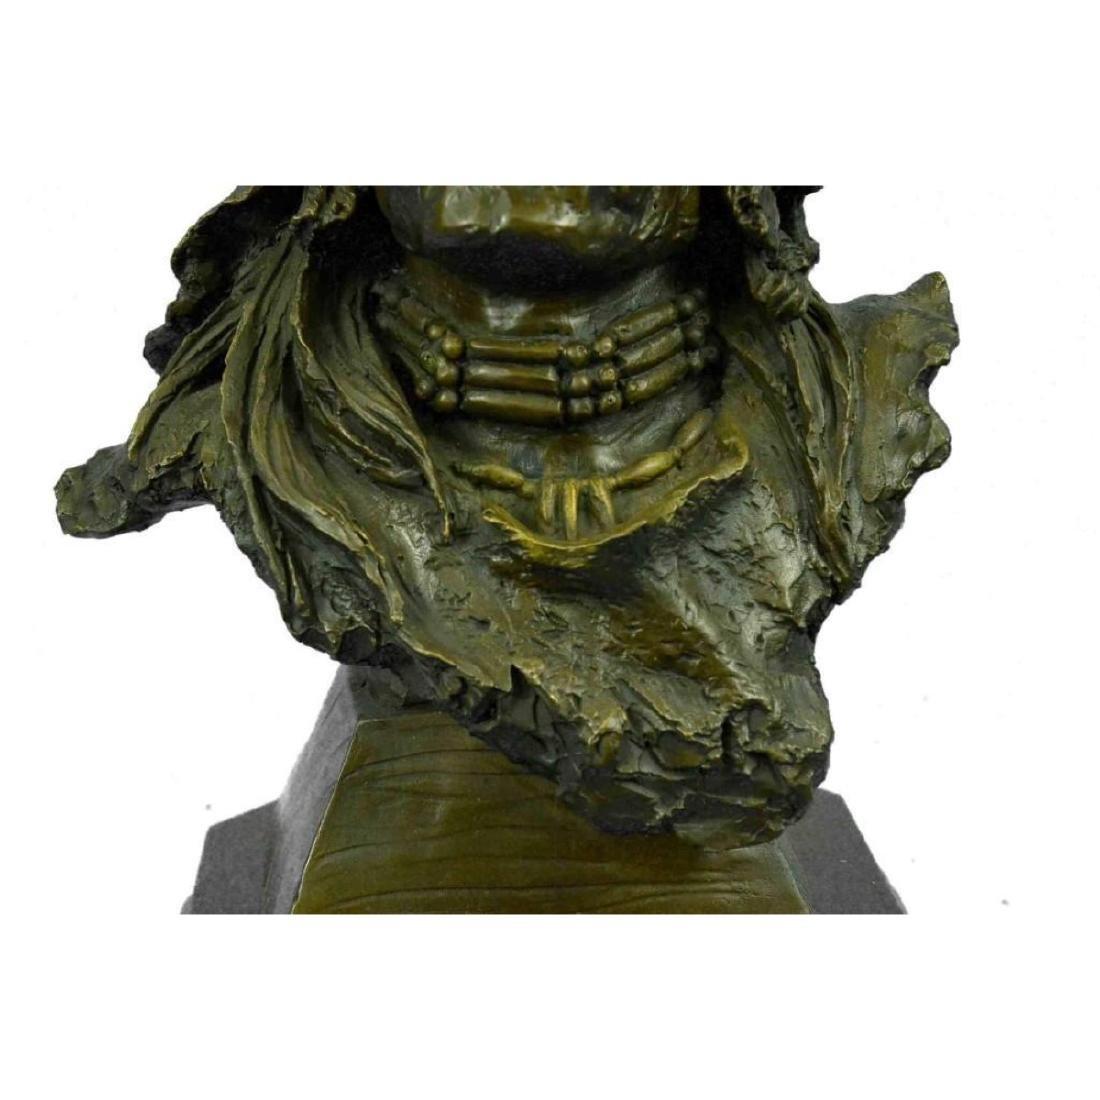 Bronze Bust Sculpture of Native American in Antler - 9